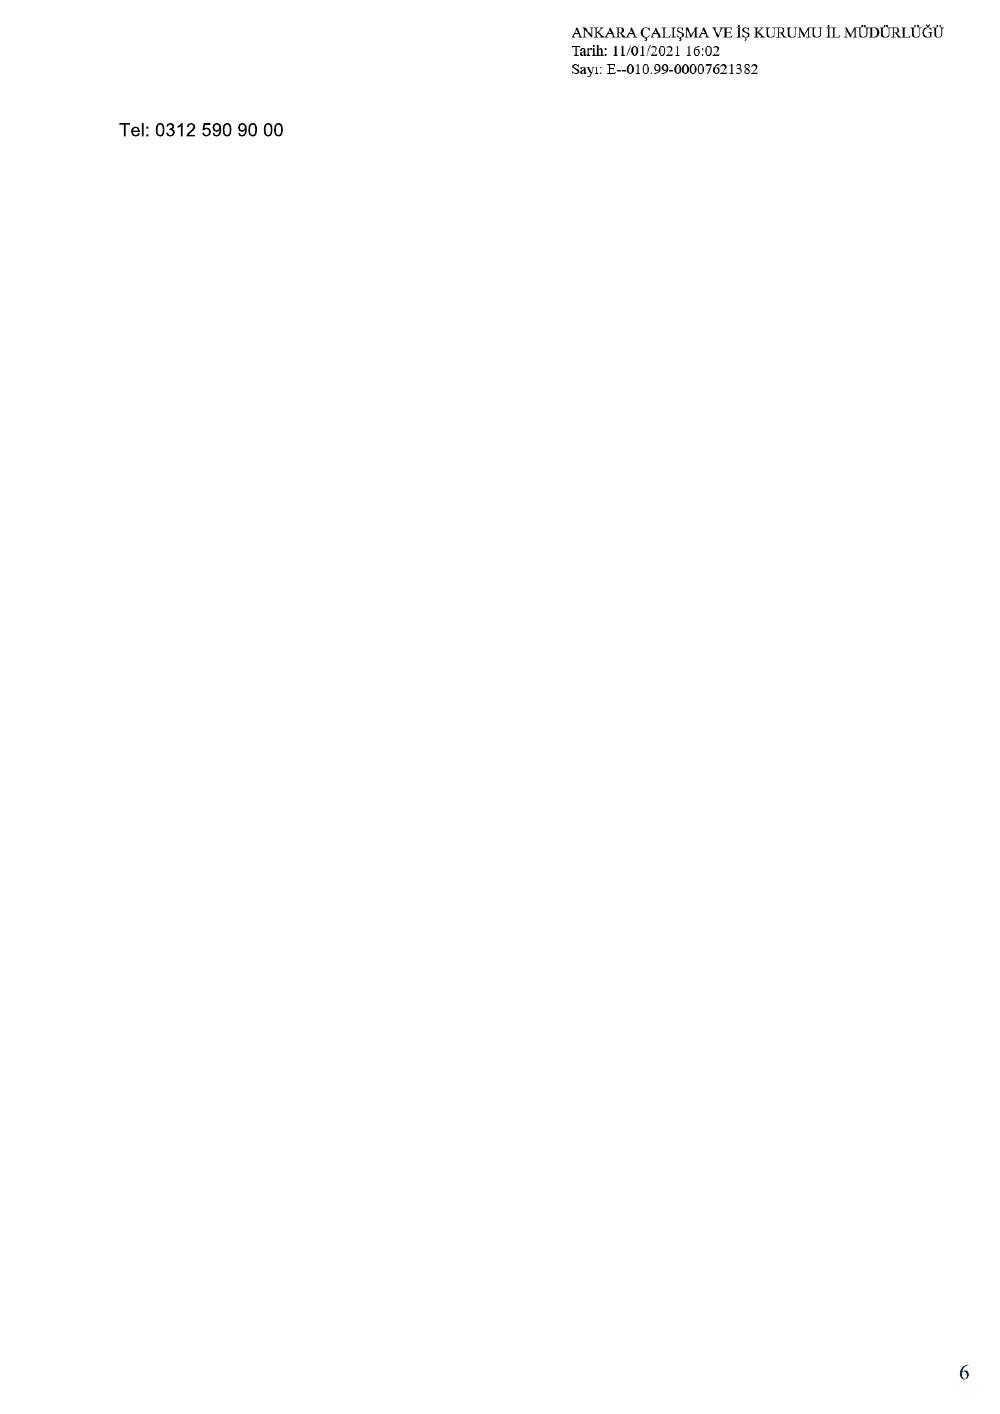 ankara tubitak sage 05 02 2021 000007